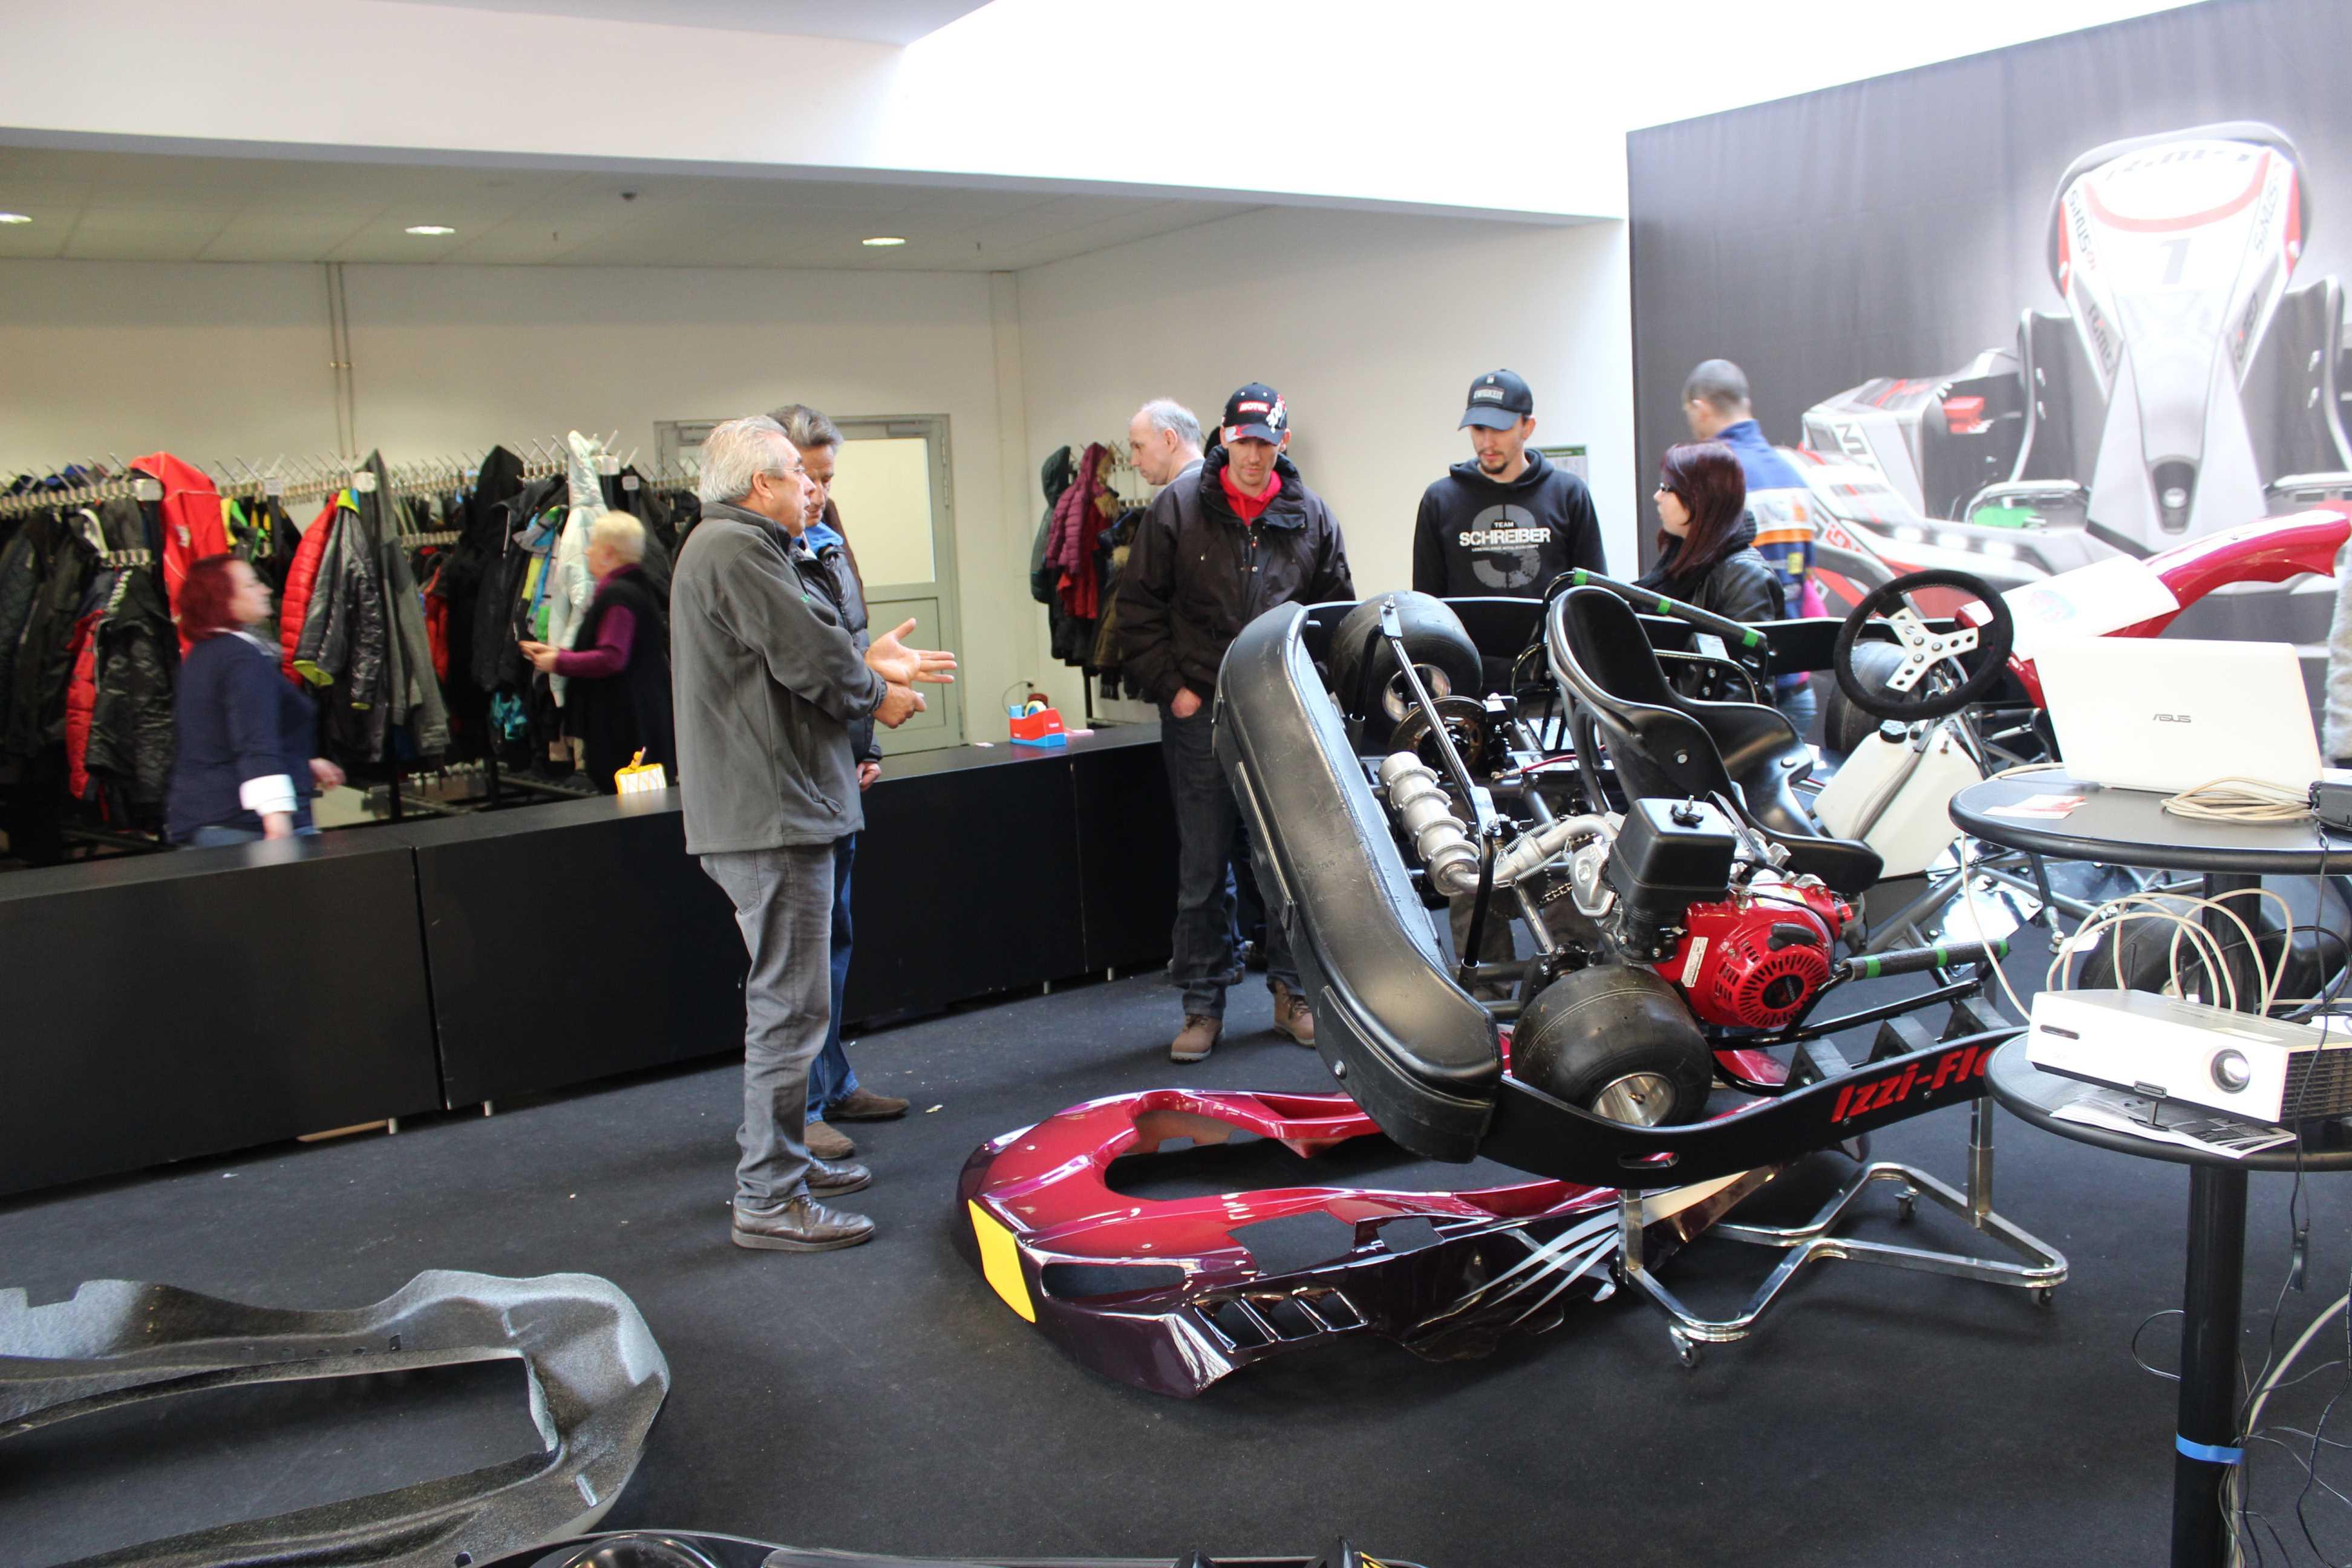 IZZI-FLEX Apresentação na Feira Internacional do Karting Alemanha17